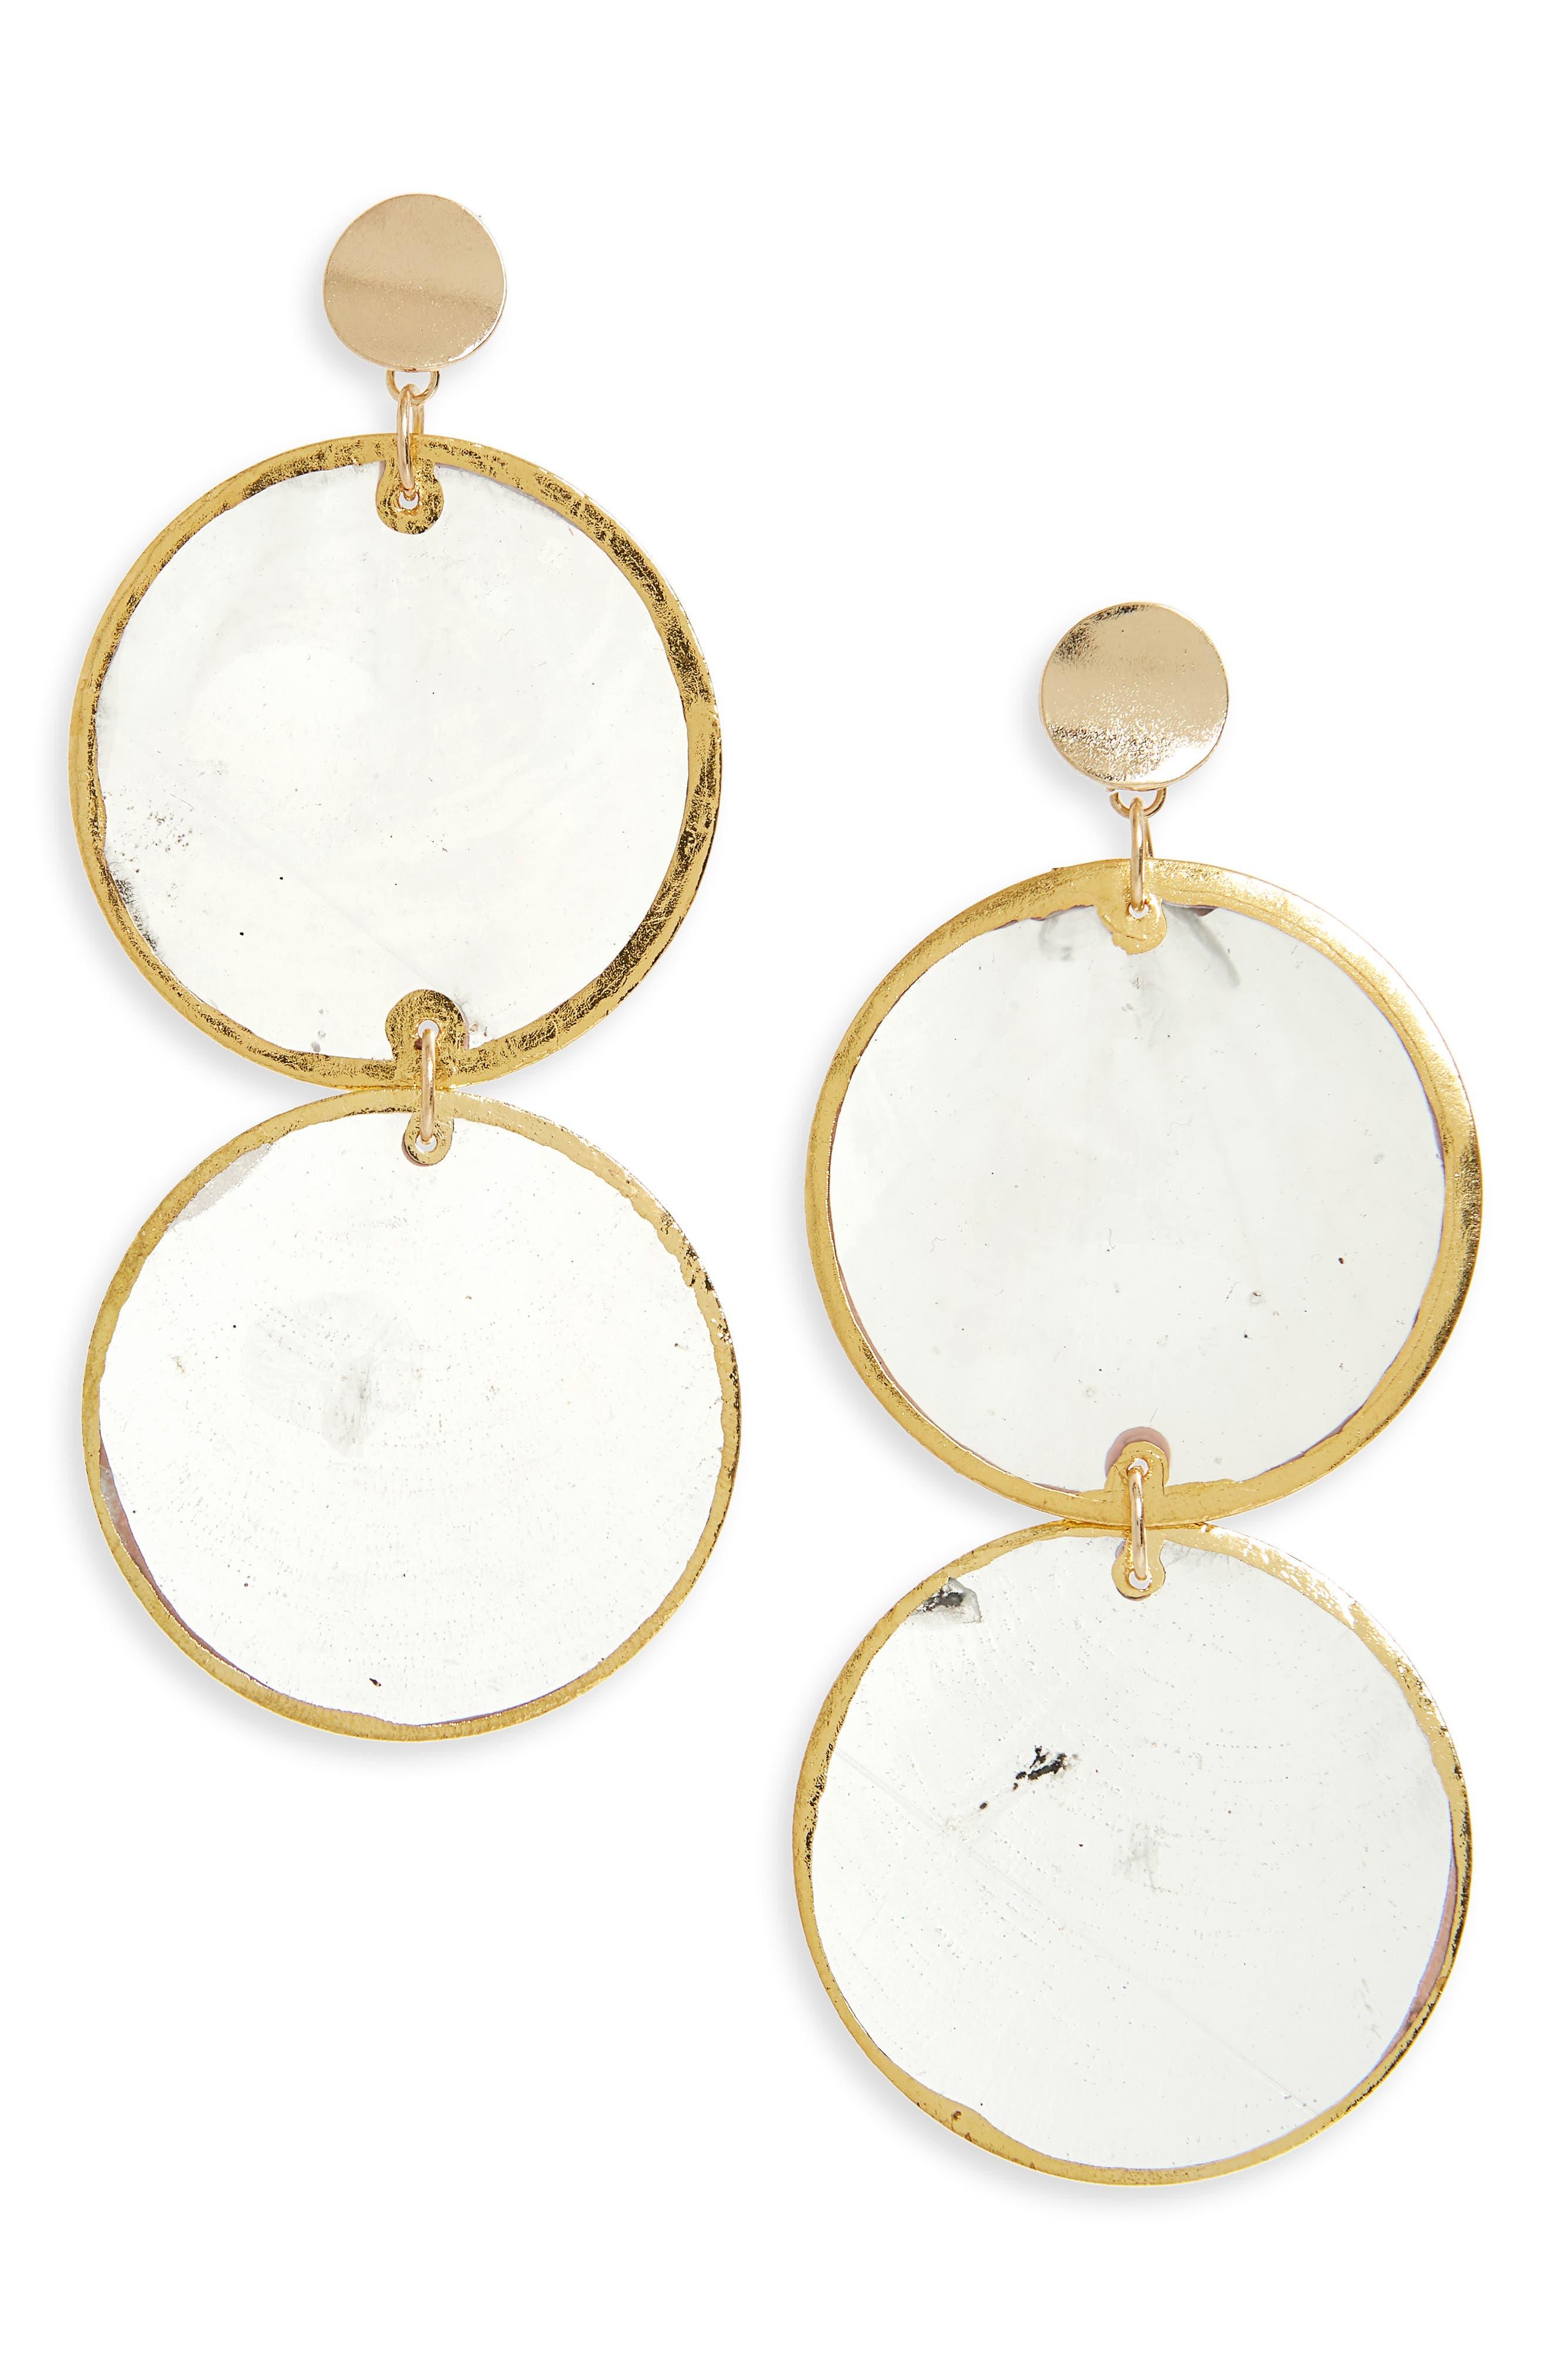 Shell Drop Earrings,                             Main thumbnail 1, color,                             Gold/ Shell